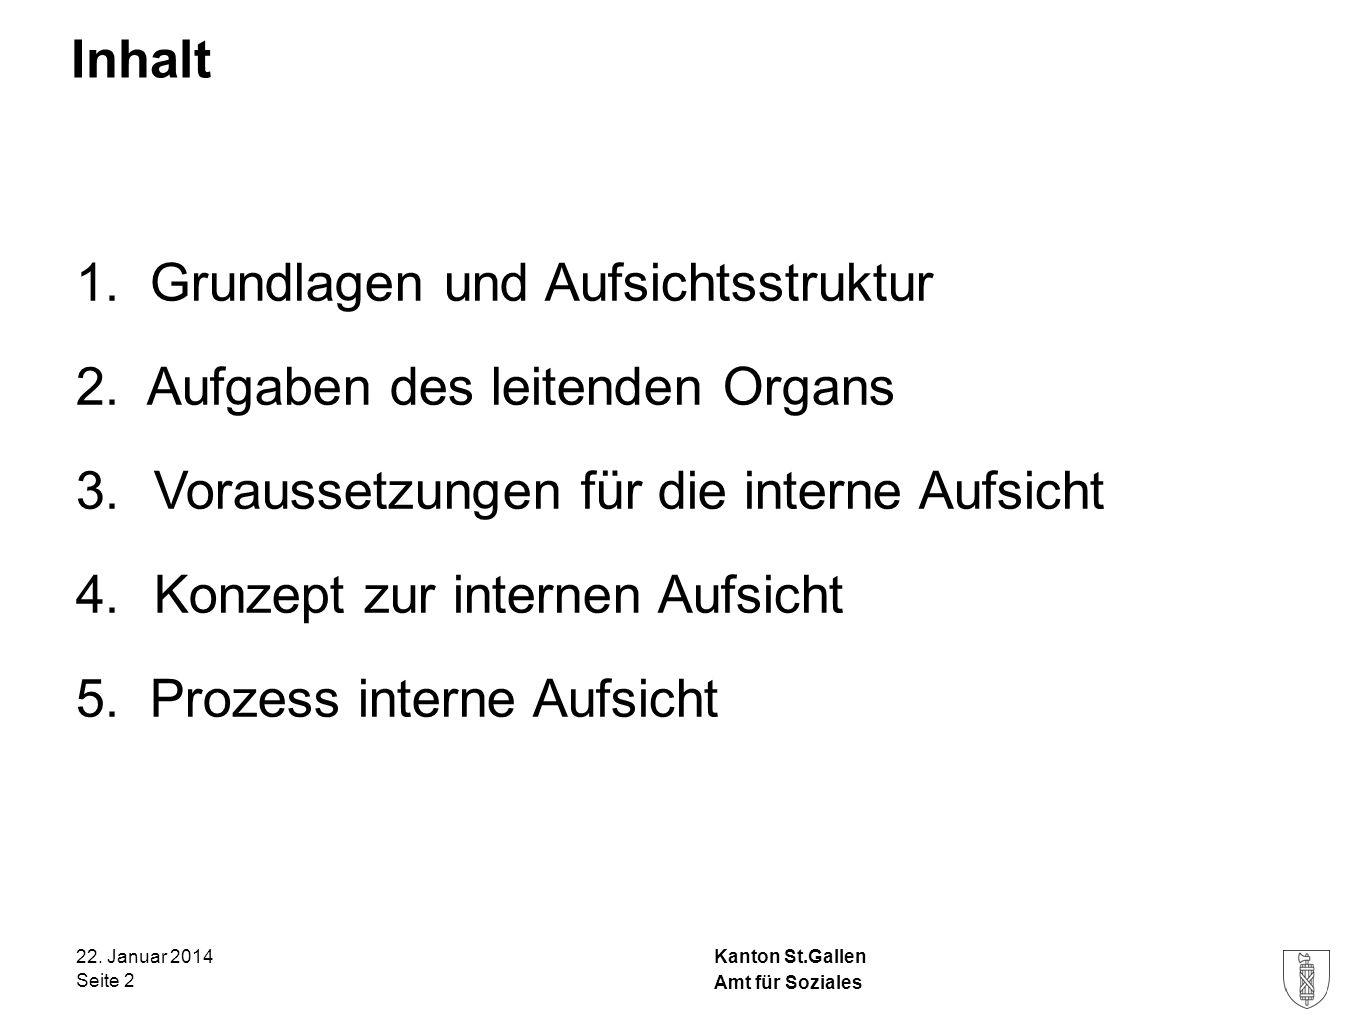 Kanton St.Gallen Inhalt 1. Grundlagen und Aufsichtsstruktur 2. Aufgaben des leitenden Organs 3.Voraussetzungen für die interne Aufsicht 4.Konzept zur